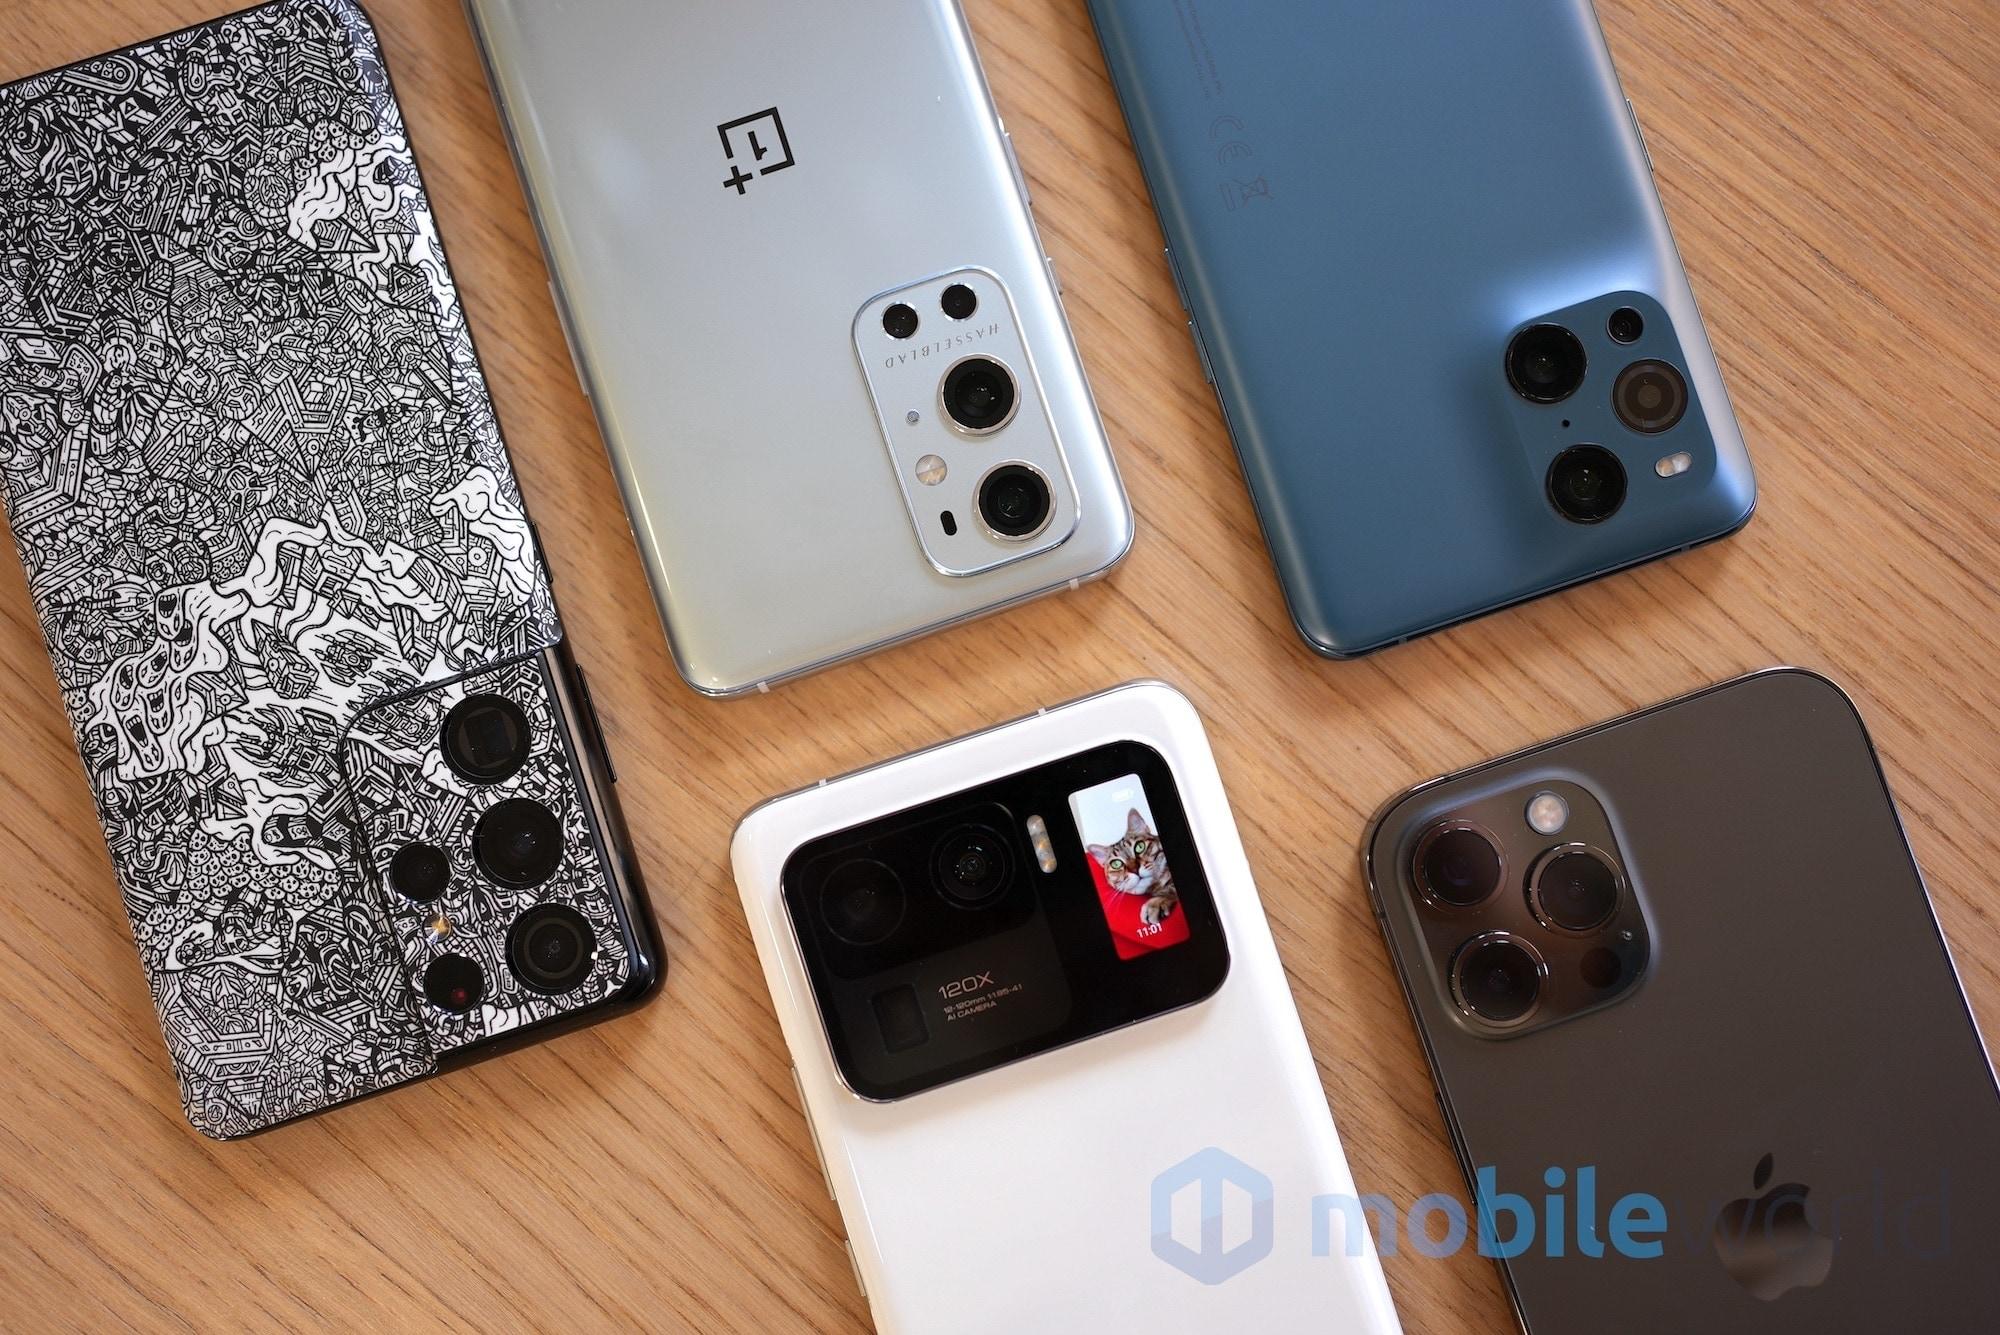 I migliori smartphone di agosto 2021: i gaming-phone e l'Asia dominano la scena (foto)